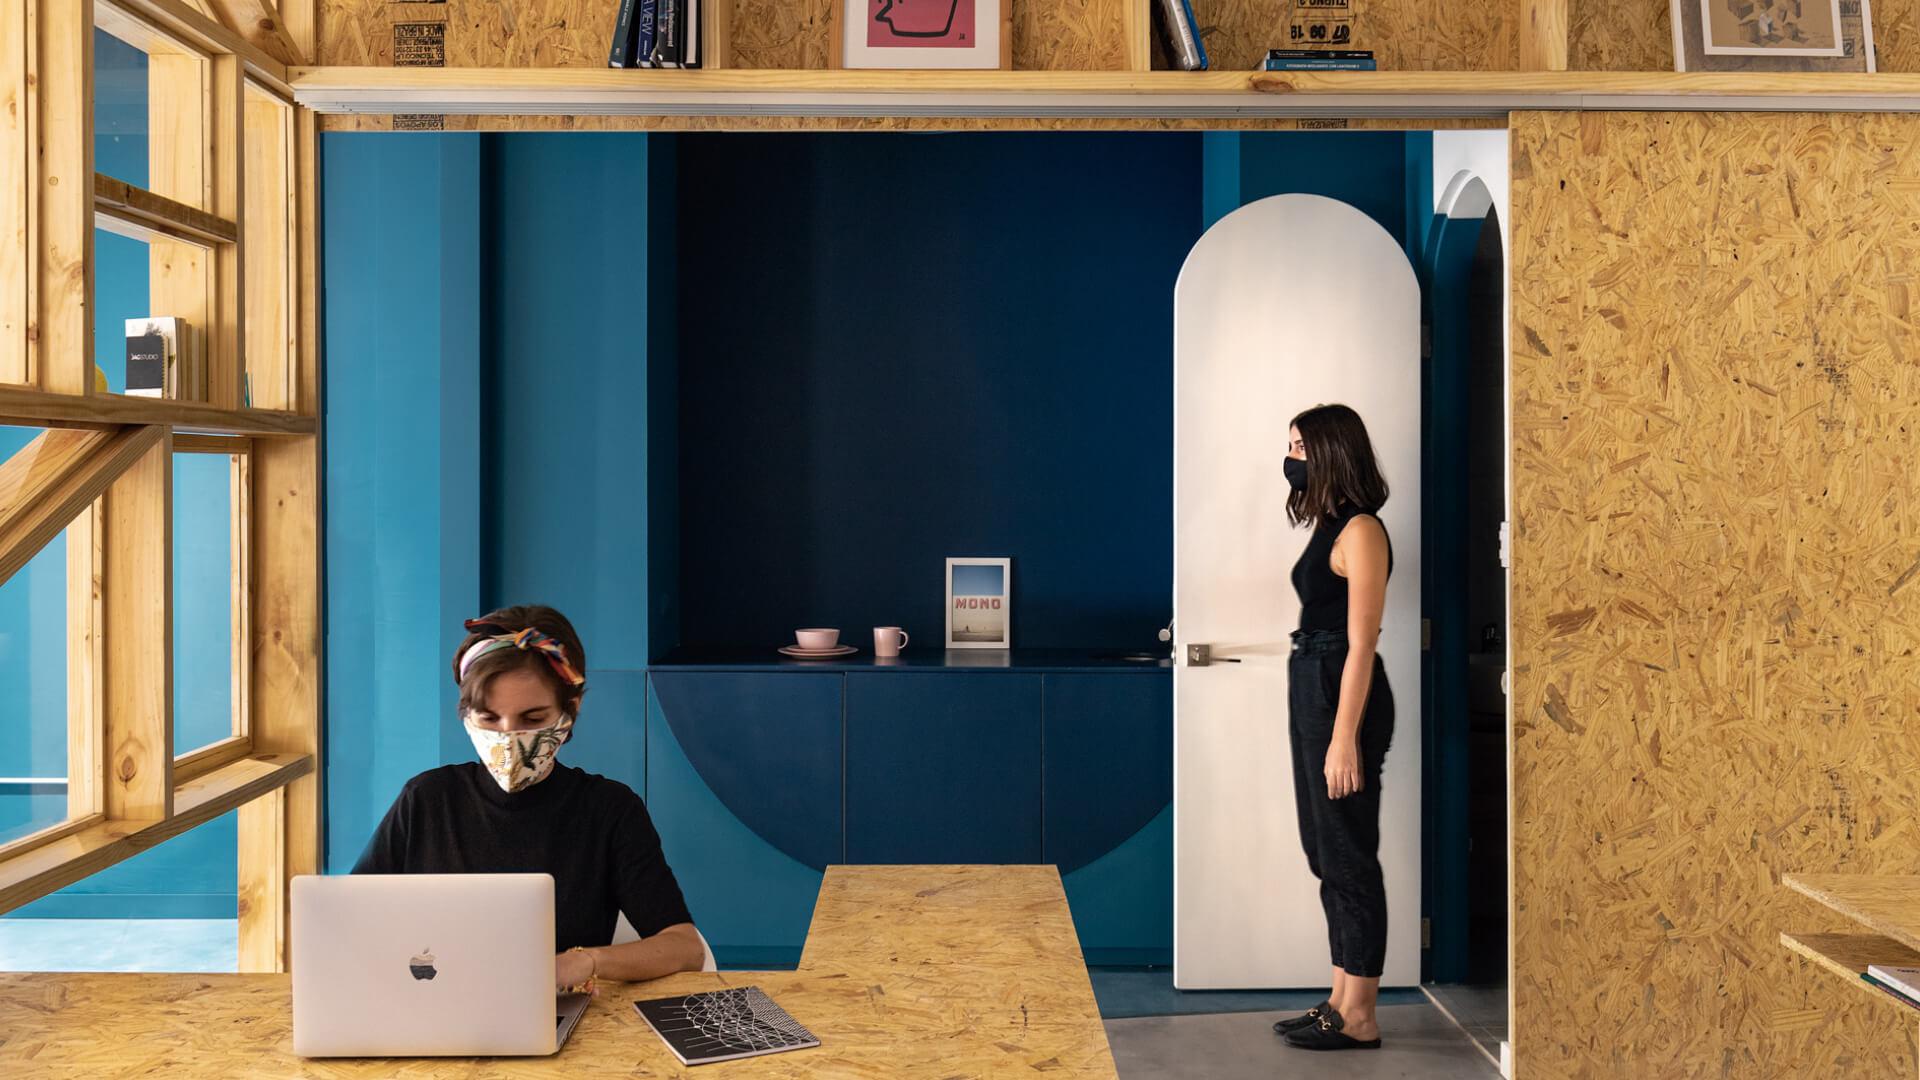 Oriented Fibres office designed by Ecuadorian architects Juan Alberto Andrade and María José Váscones | Fibras Orientadas interior office designed by Juan Alberto Andrade and María José Váscones | STIRworld